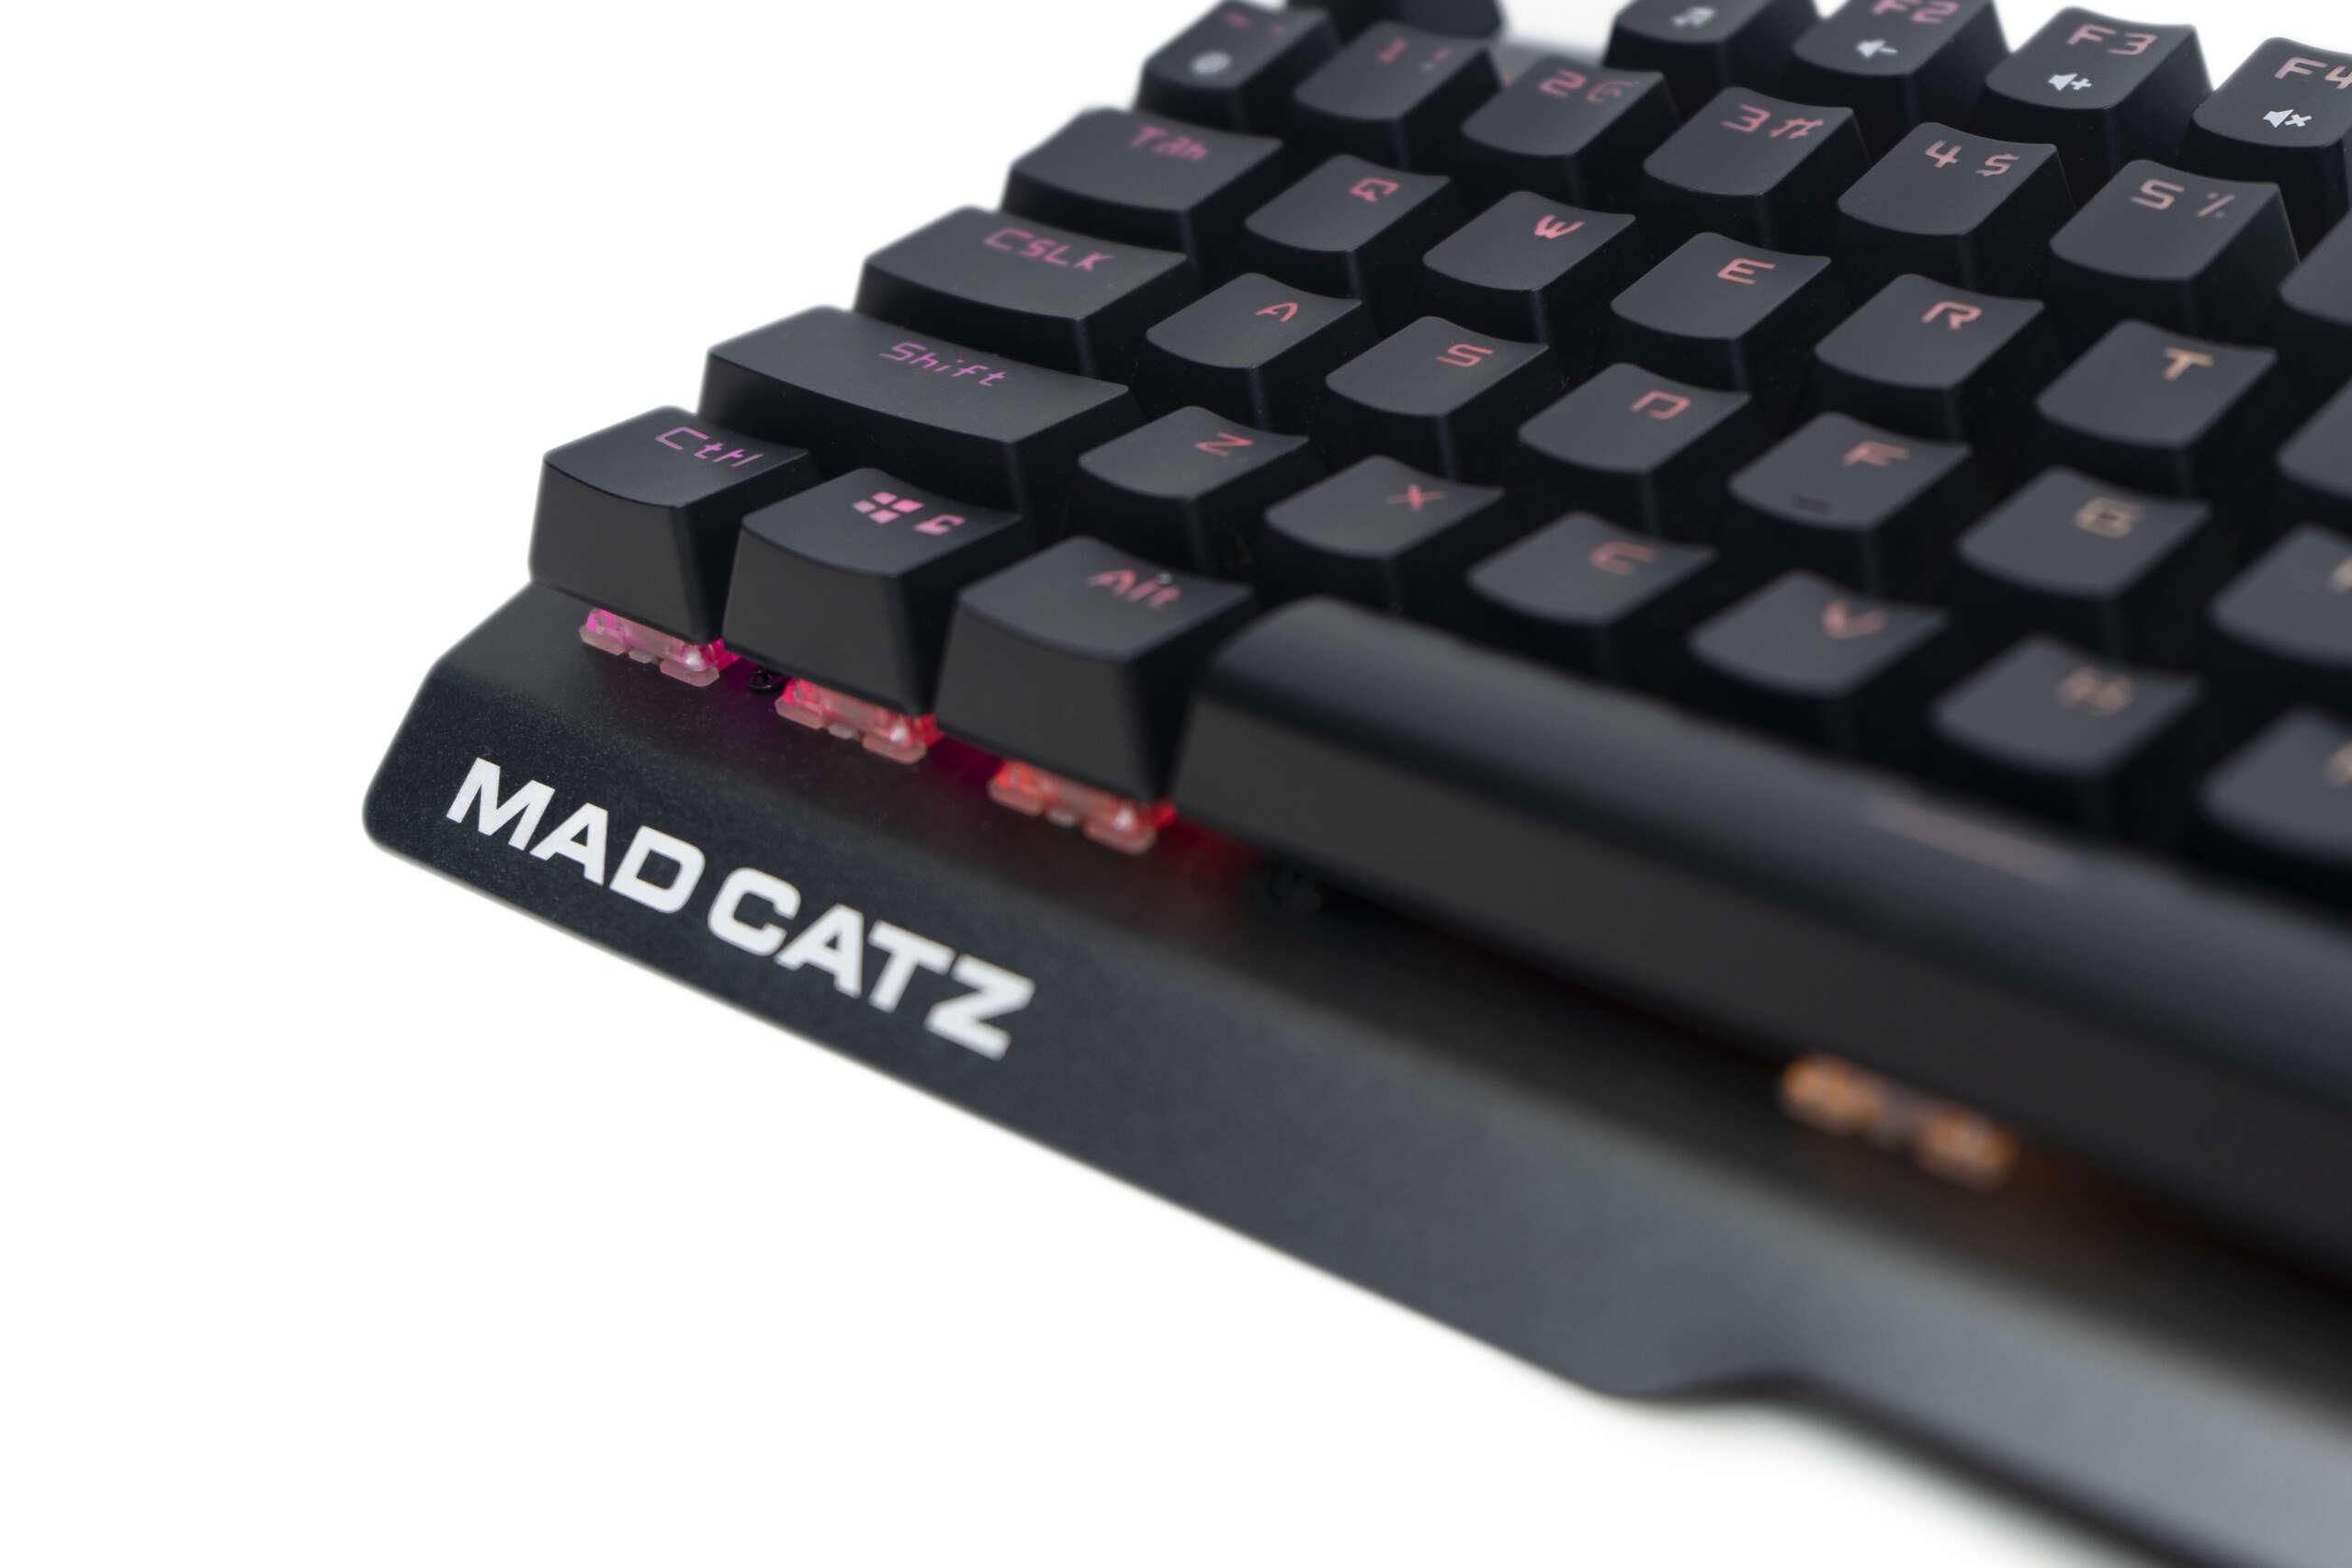 Mad Catz S.T.R.I.K.E. 13